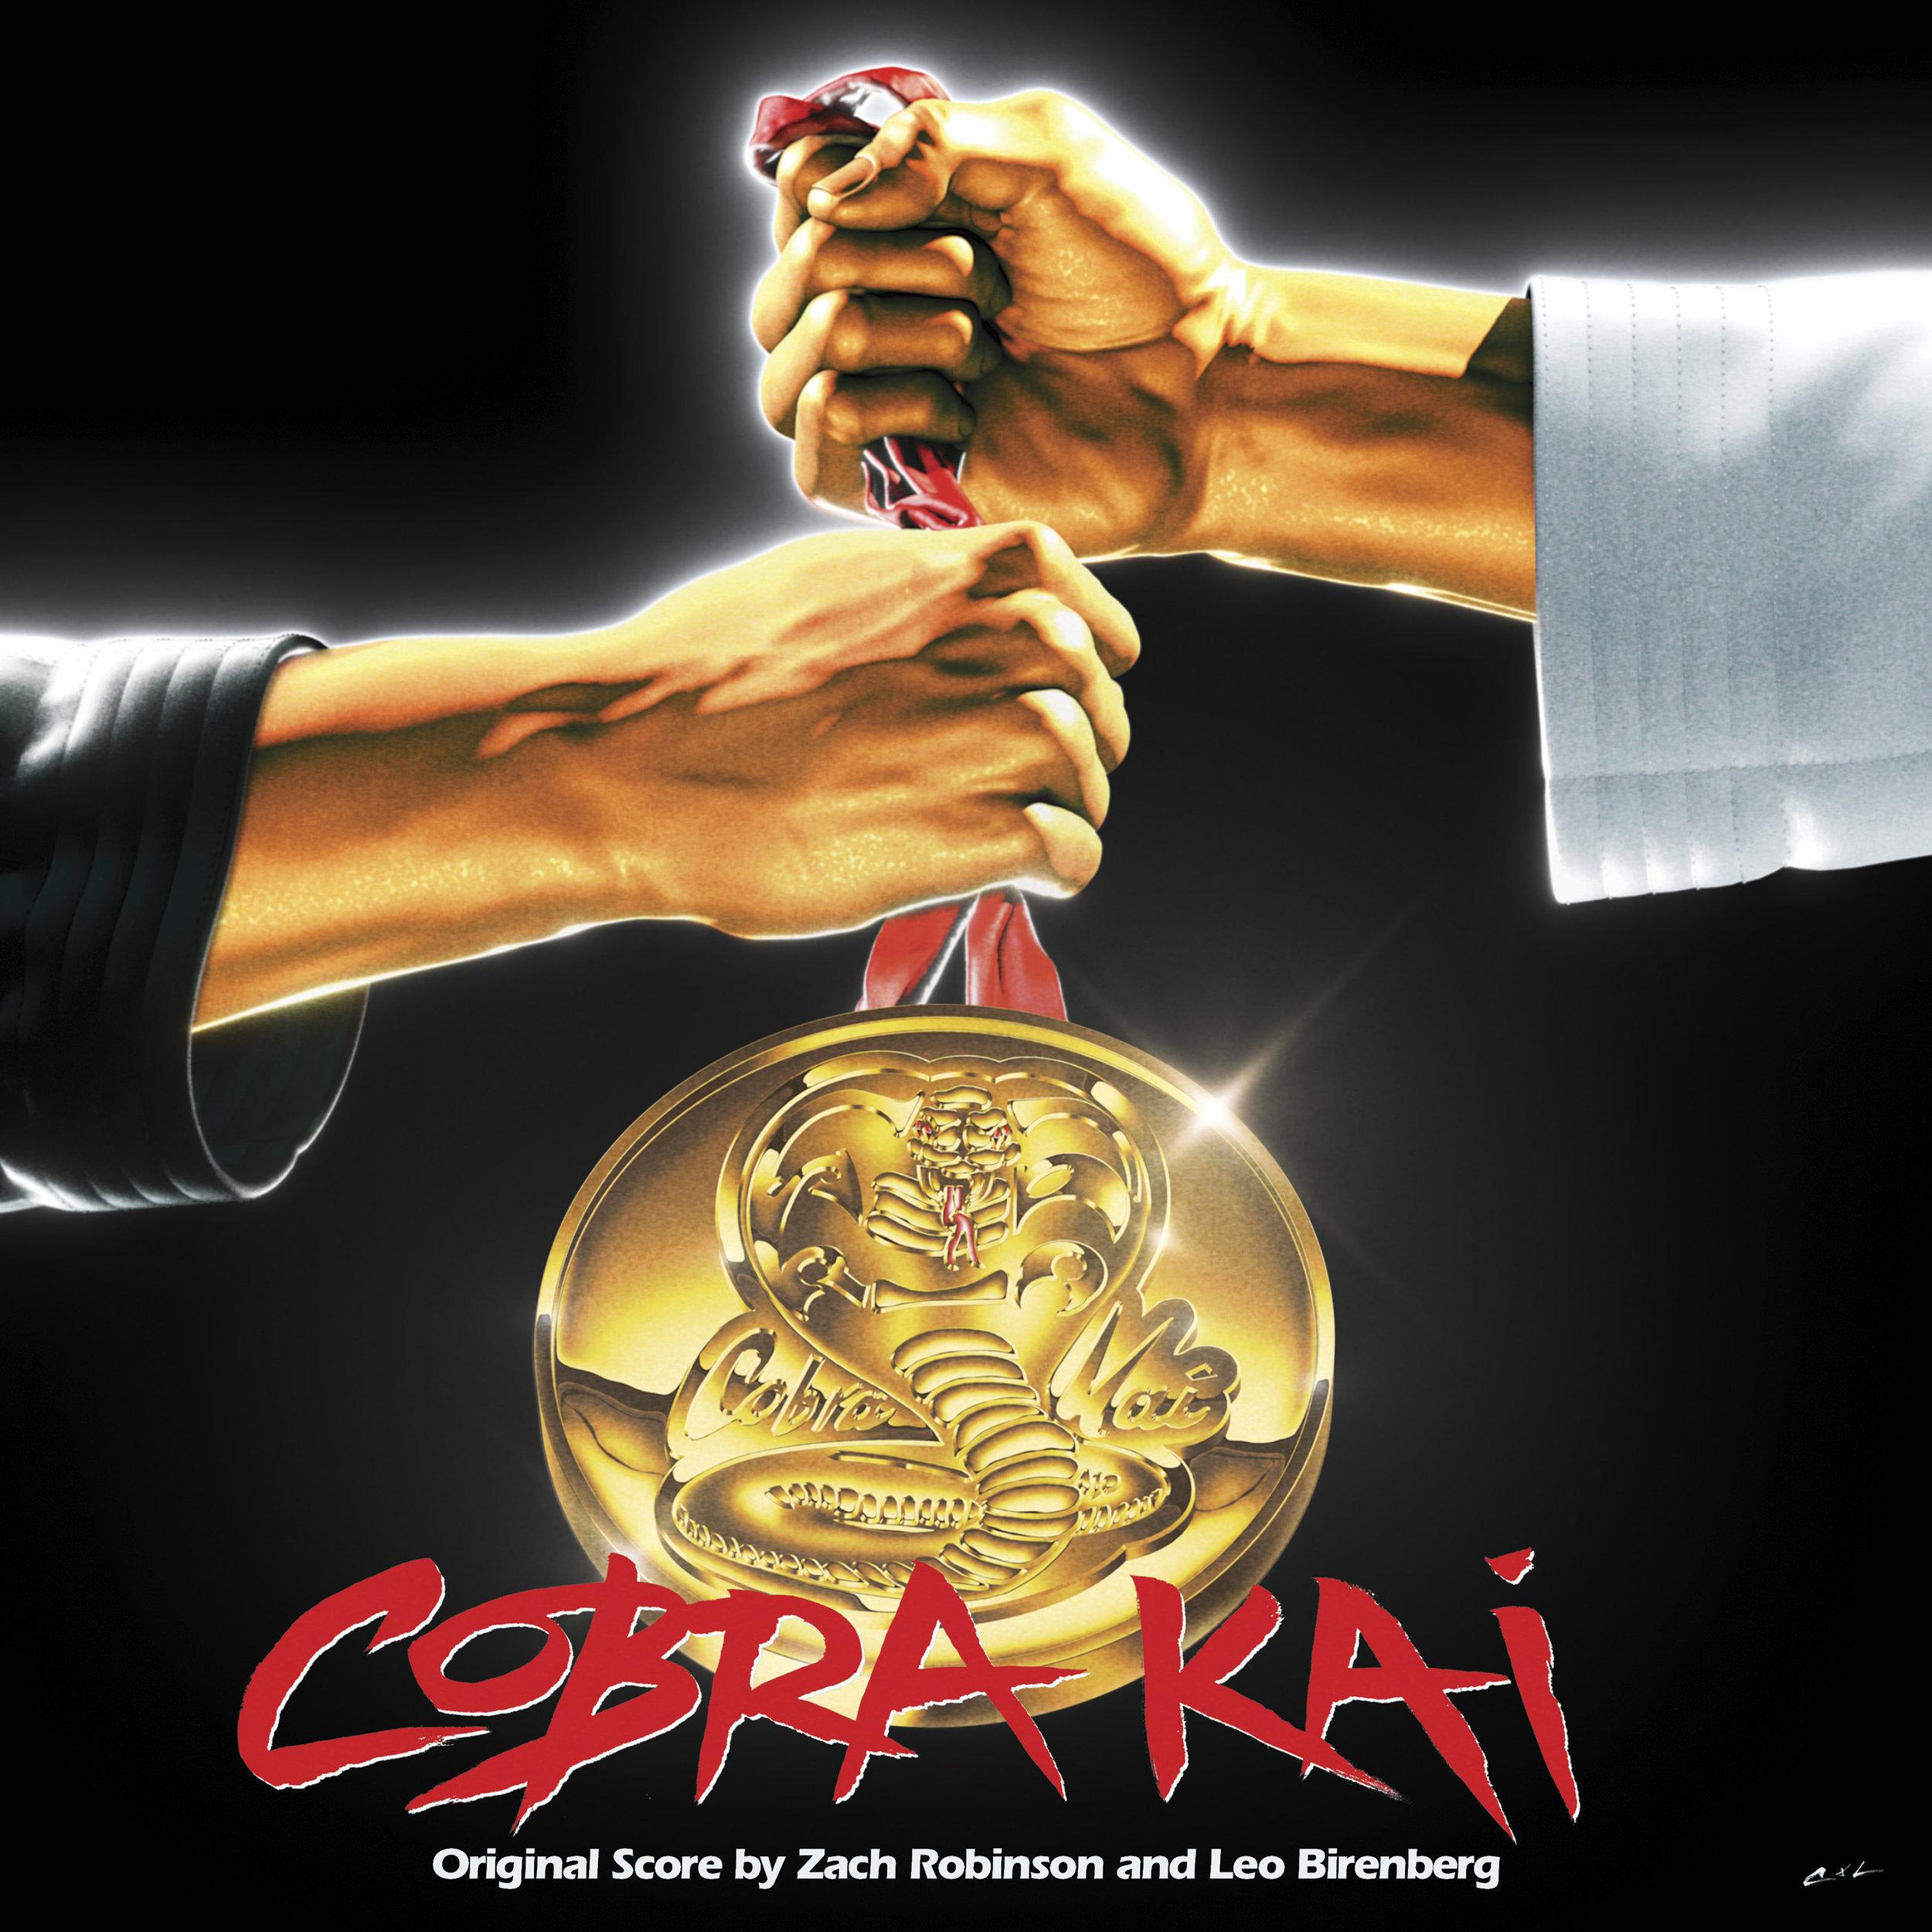 cobrakai-cover_3000x3000.jpg